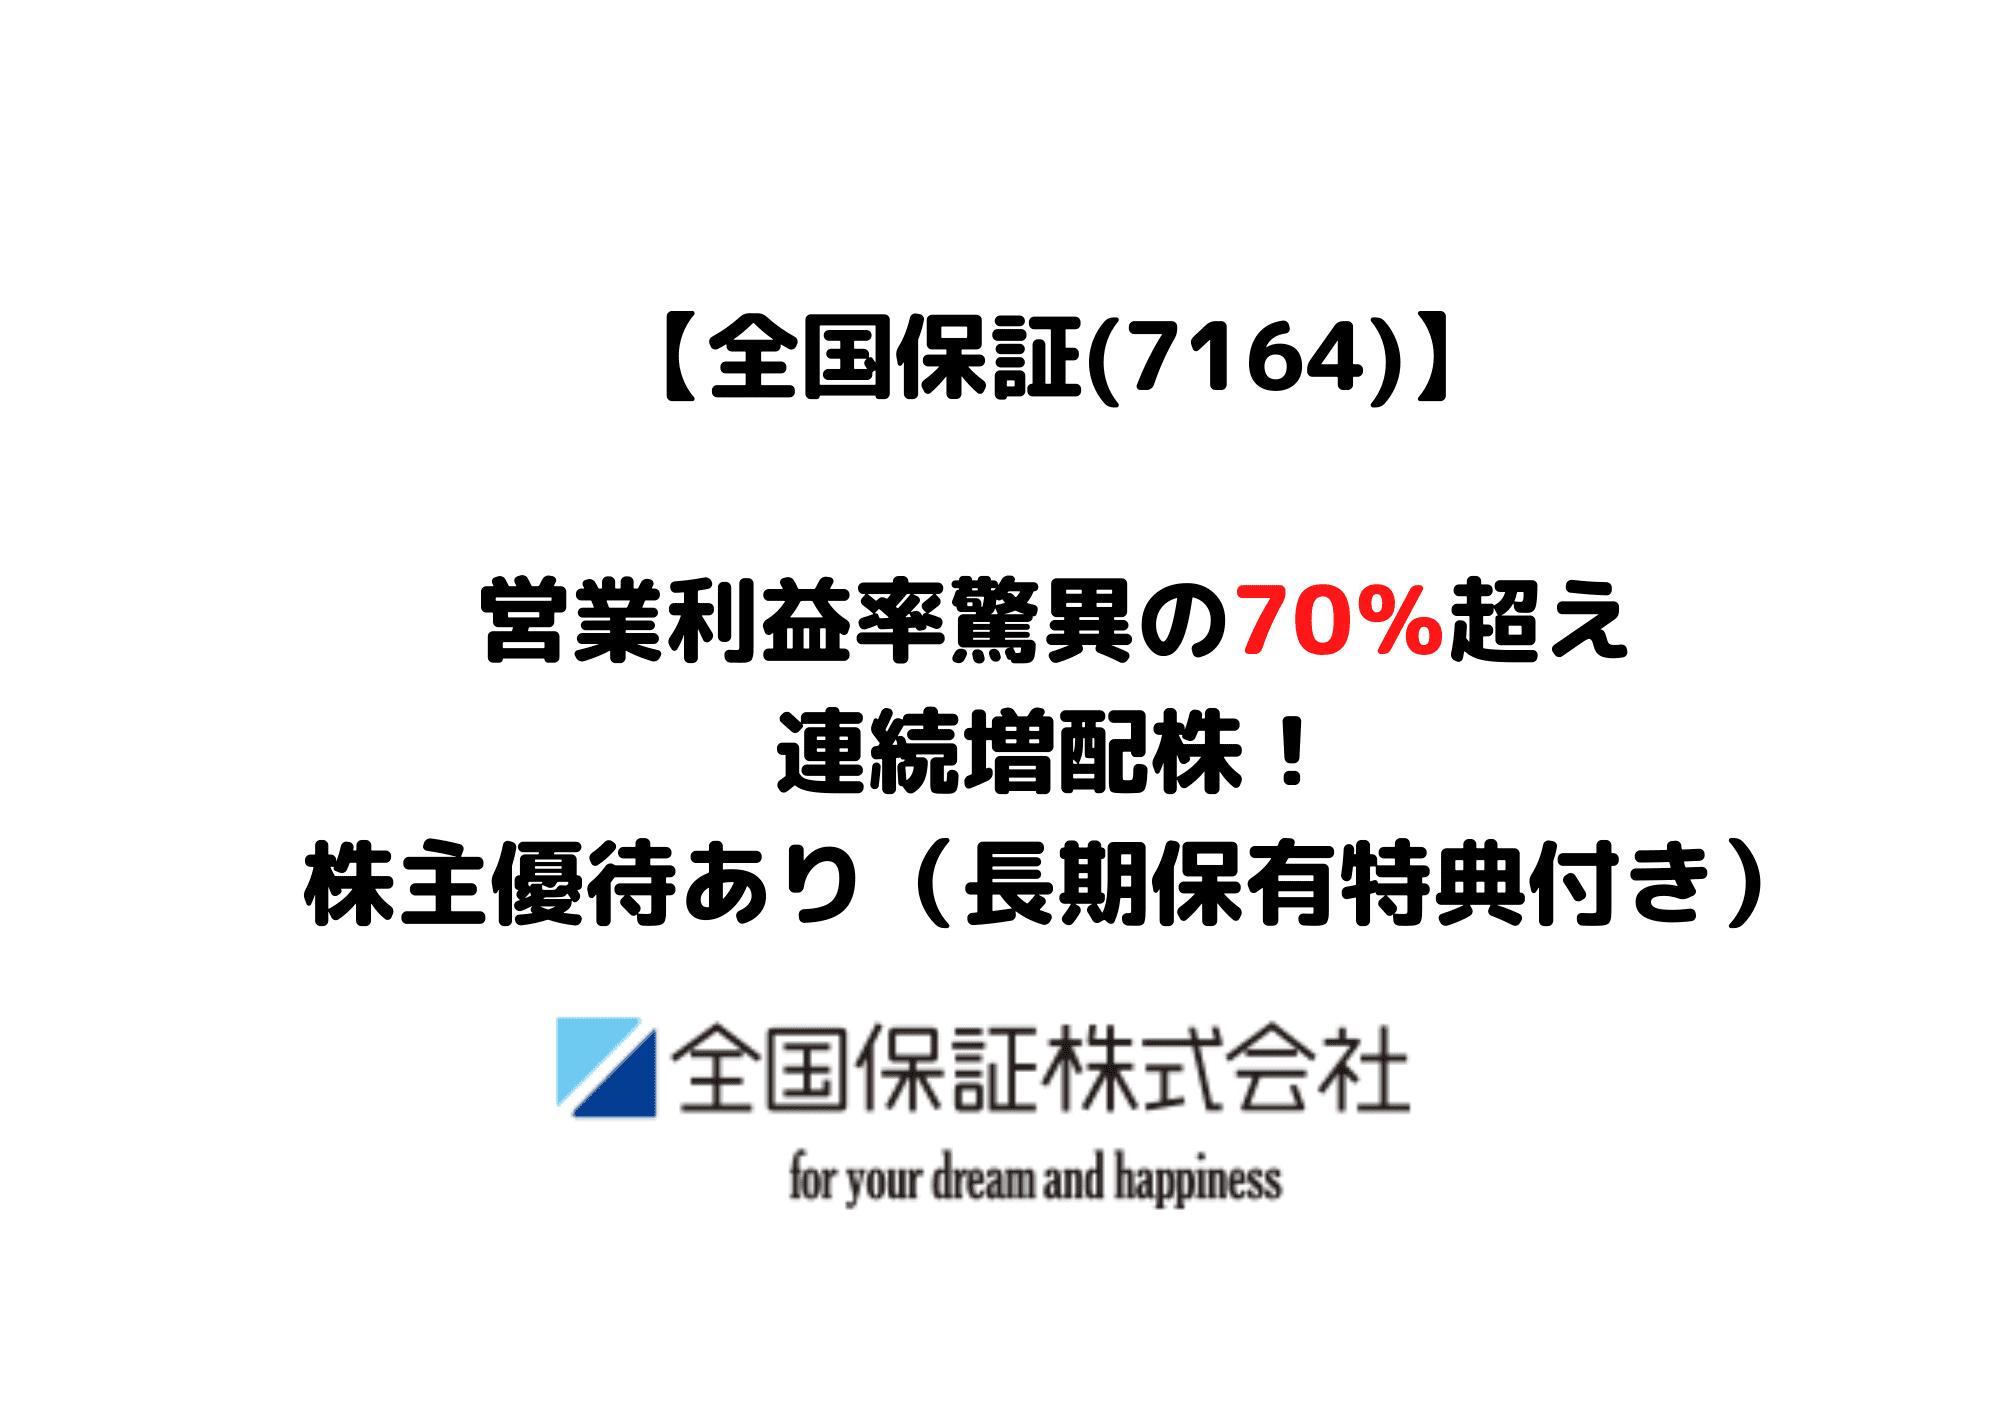 7164 全国保証 (1)